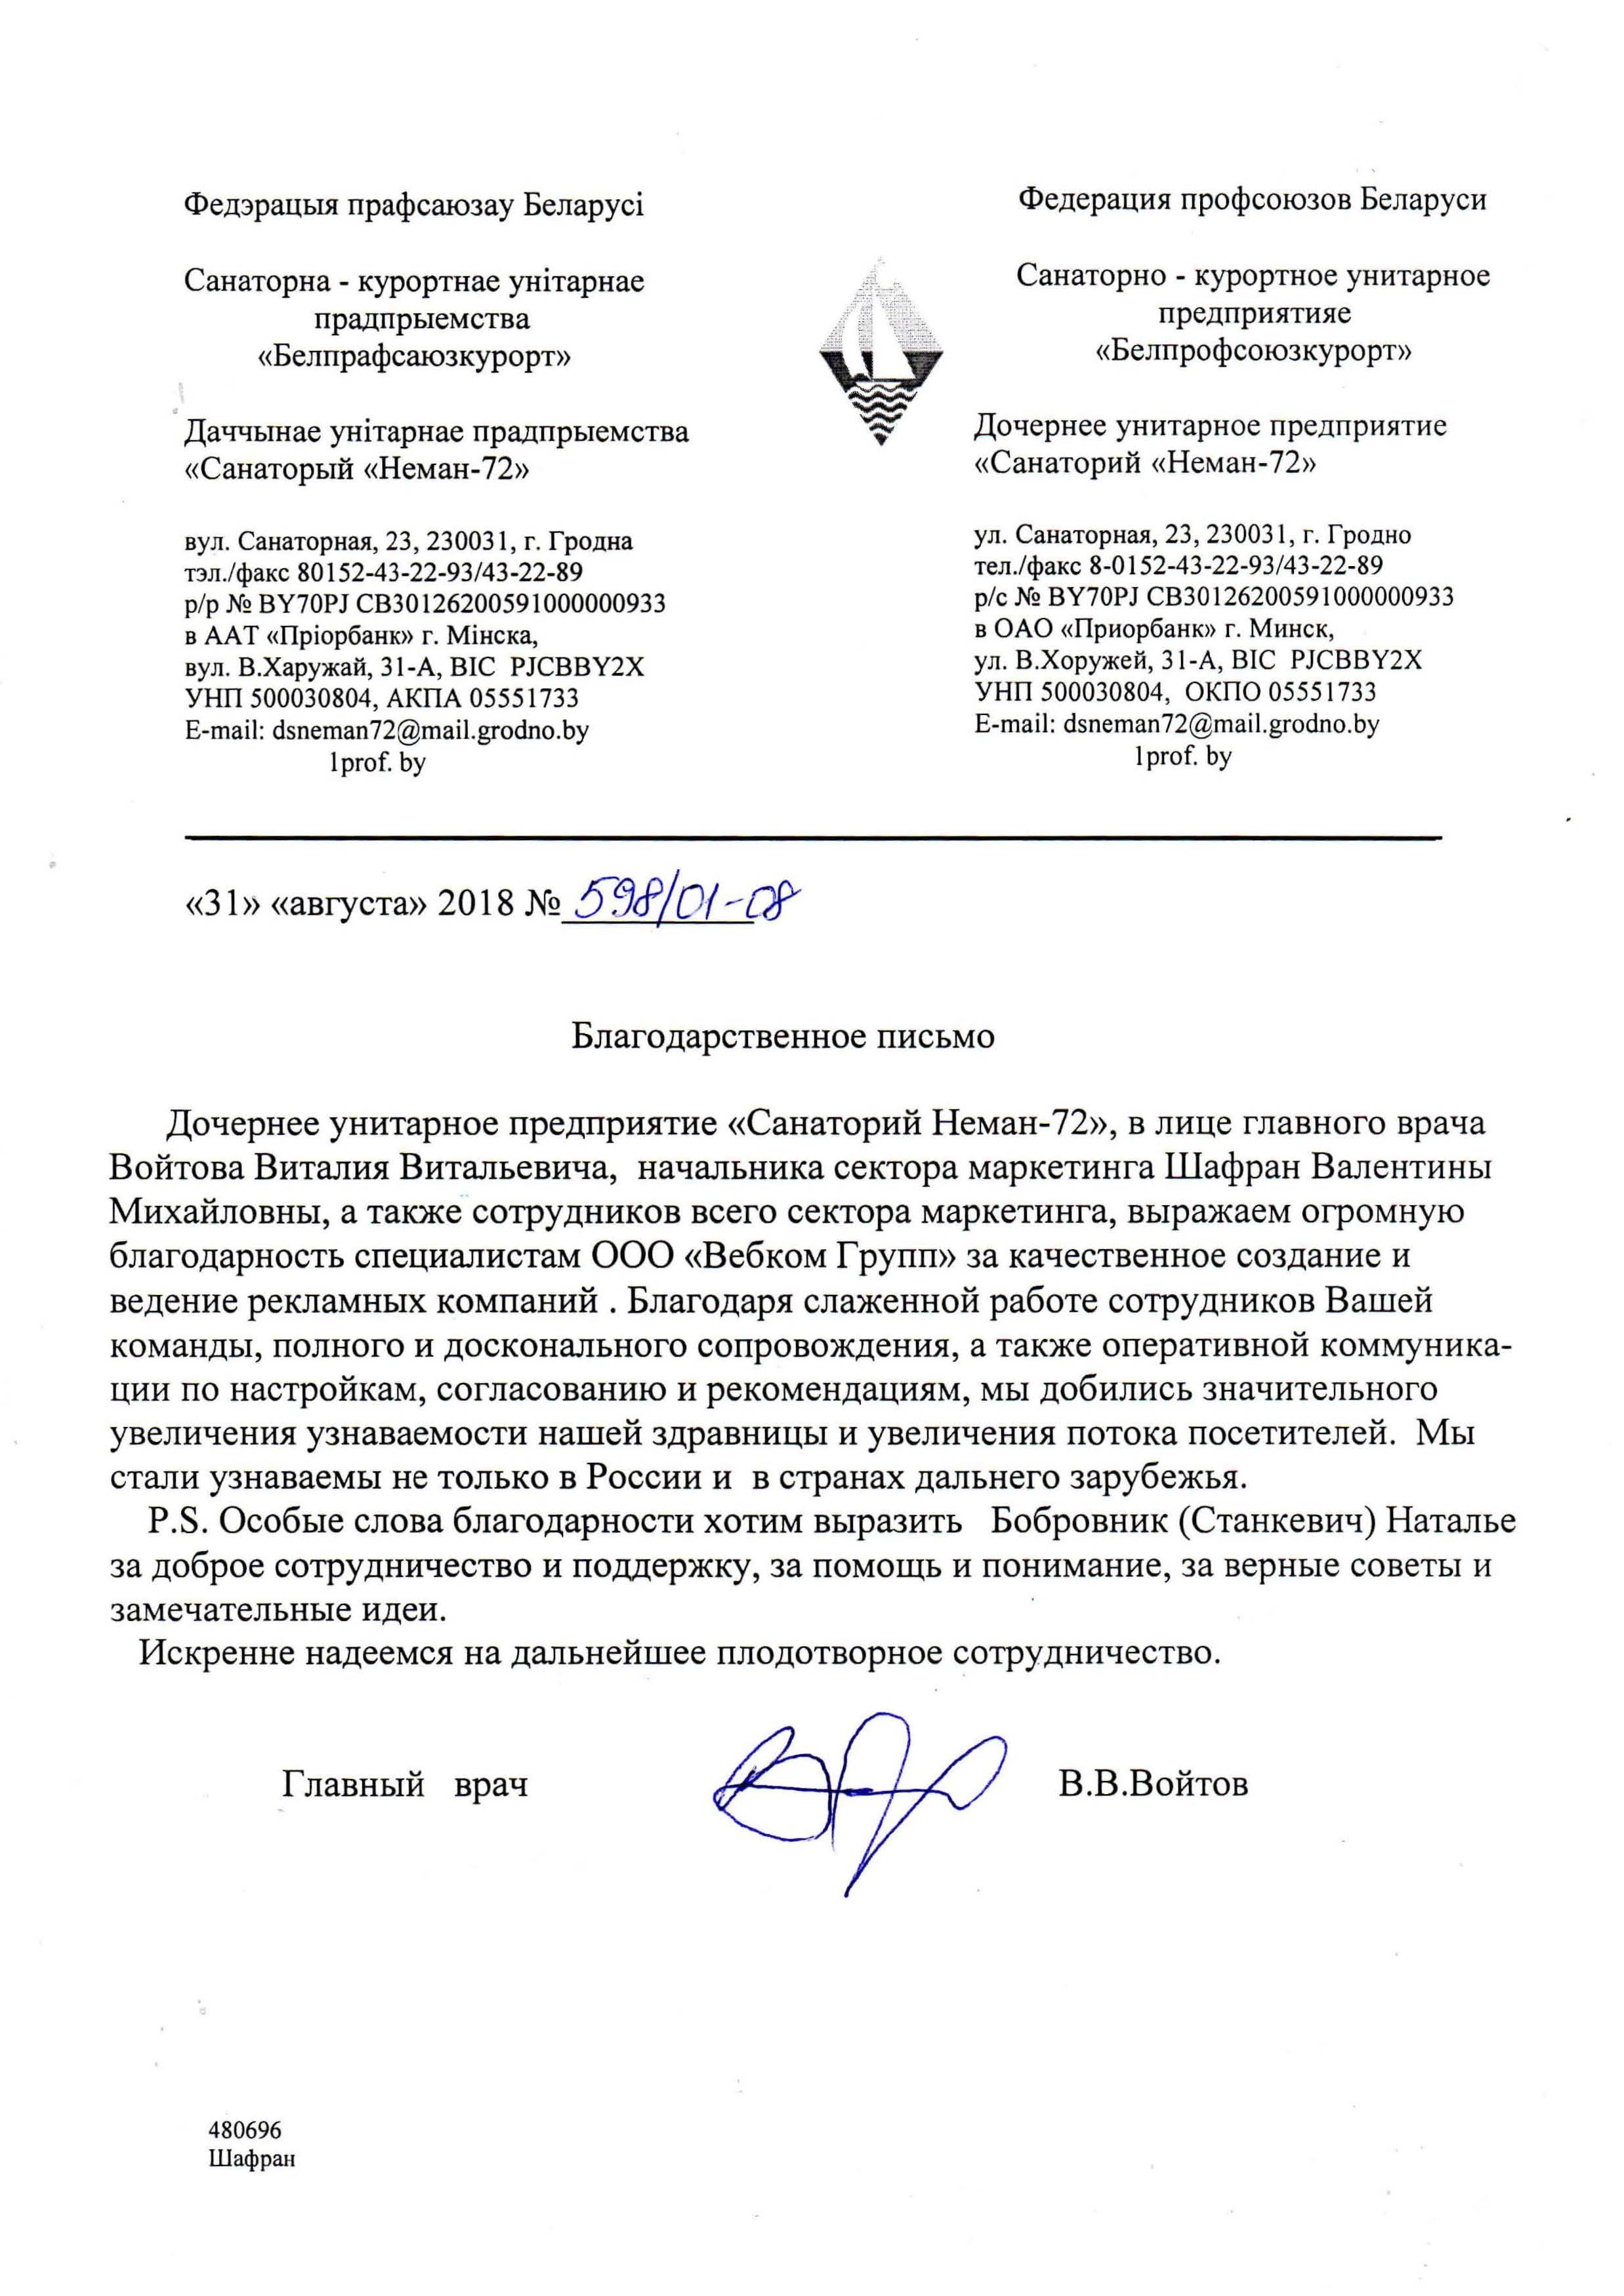 Главный врач ДУП «Санаторий Неман-72»